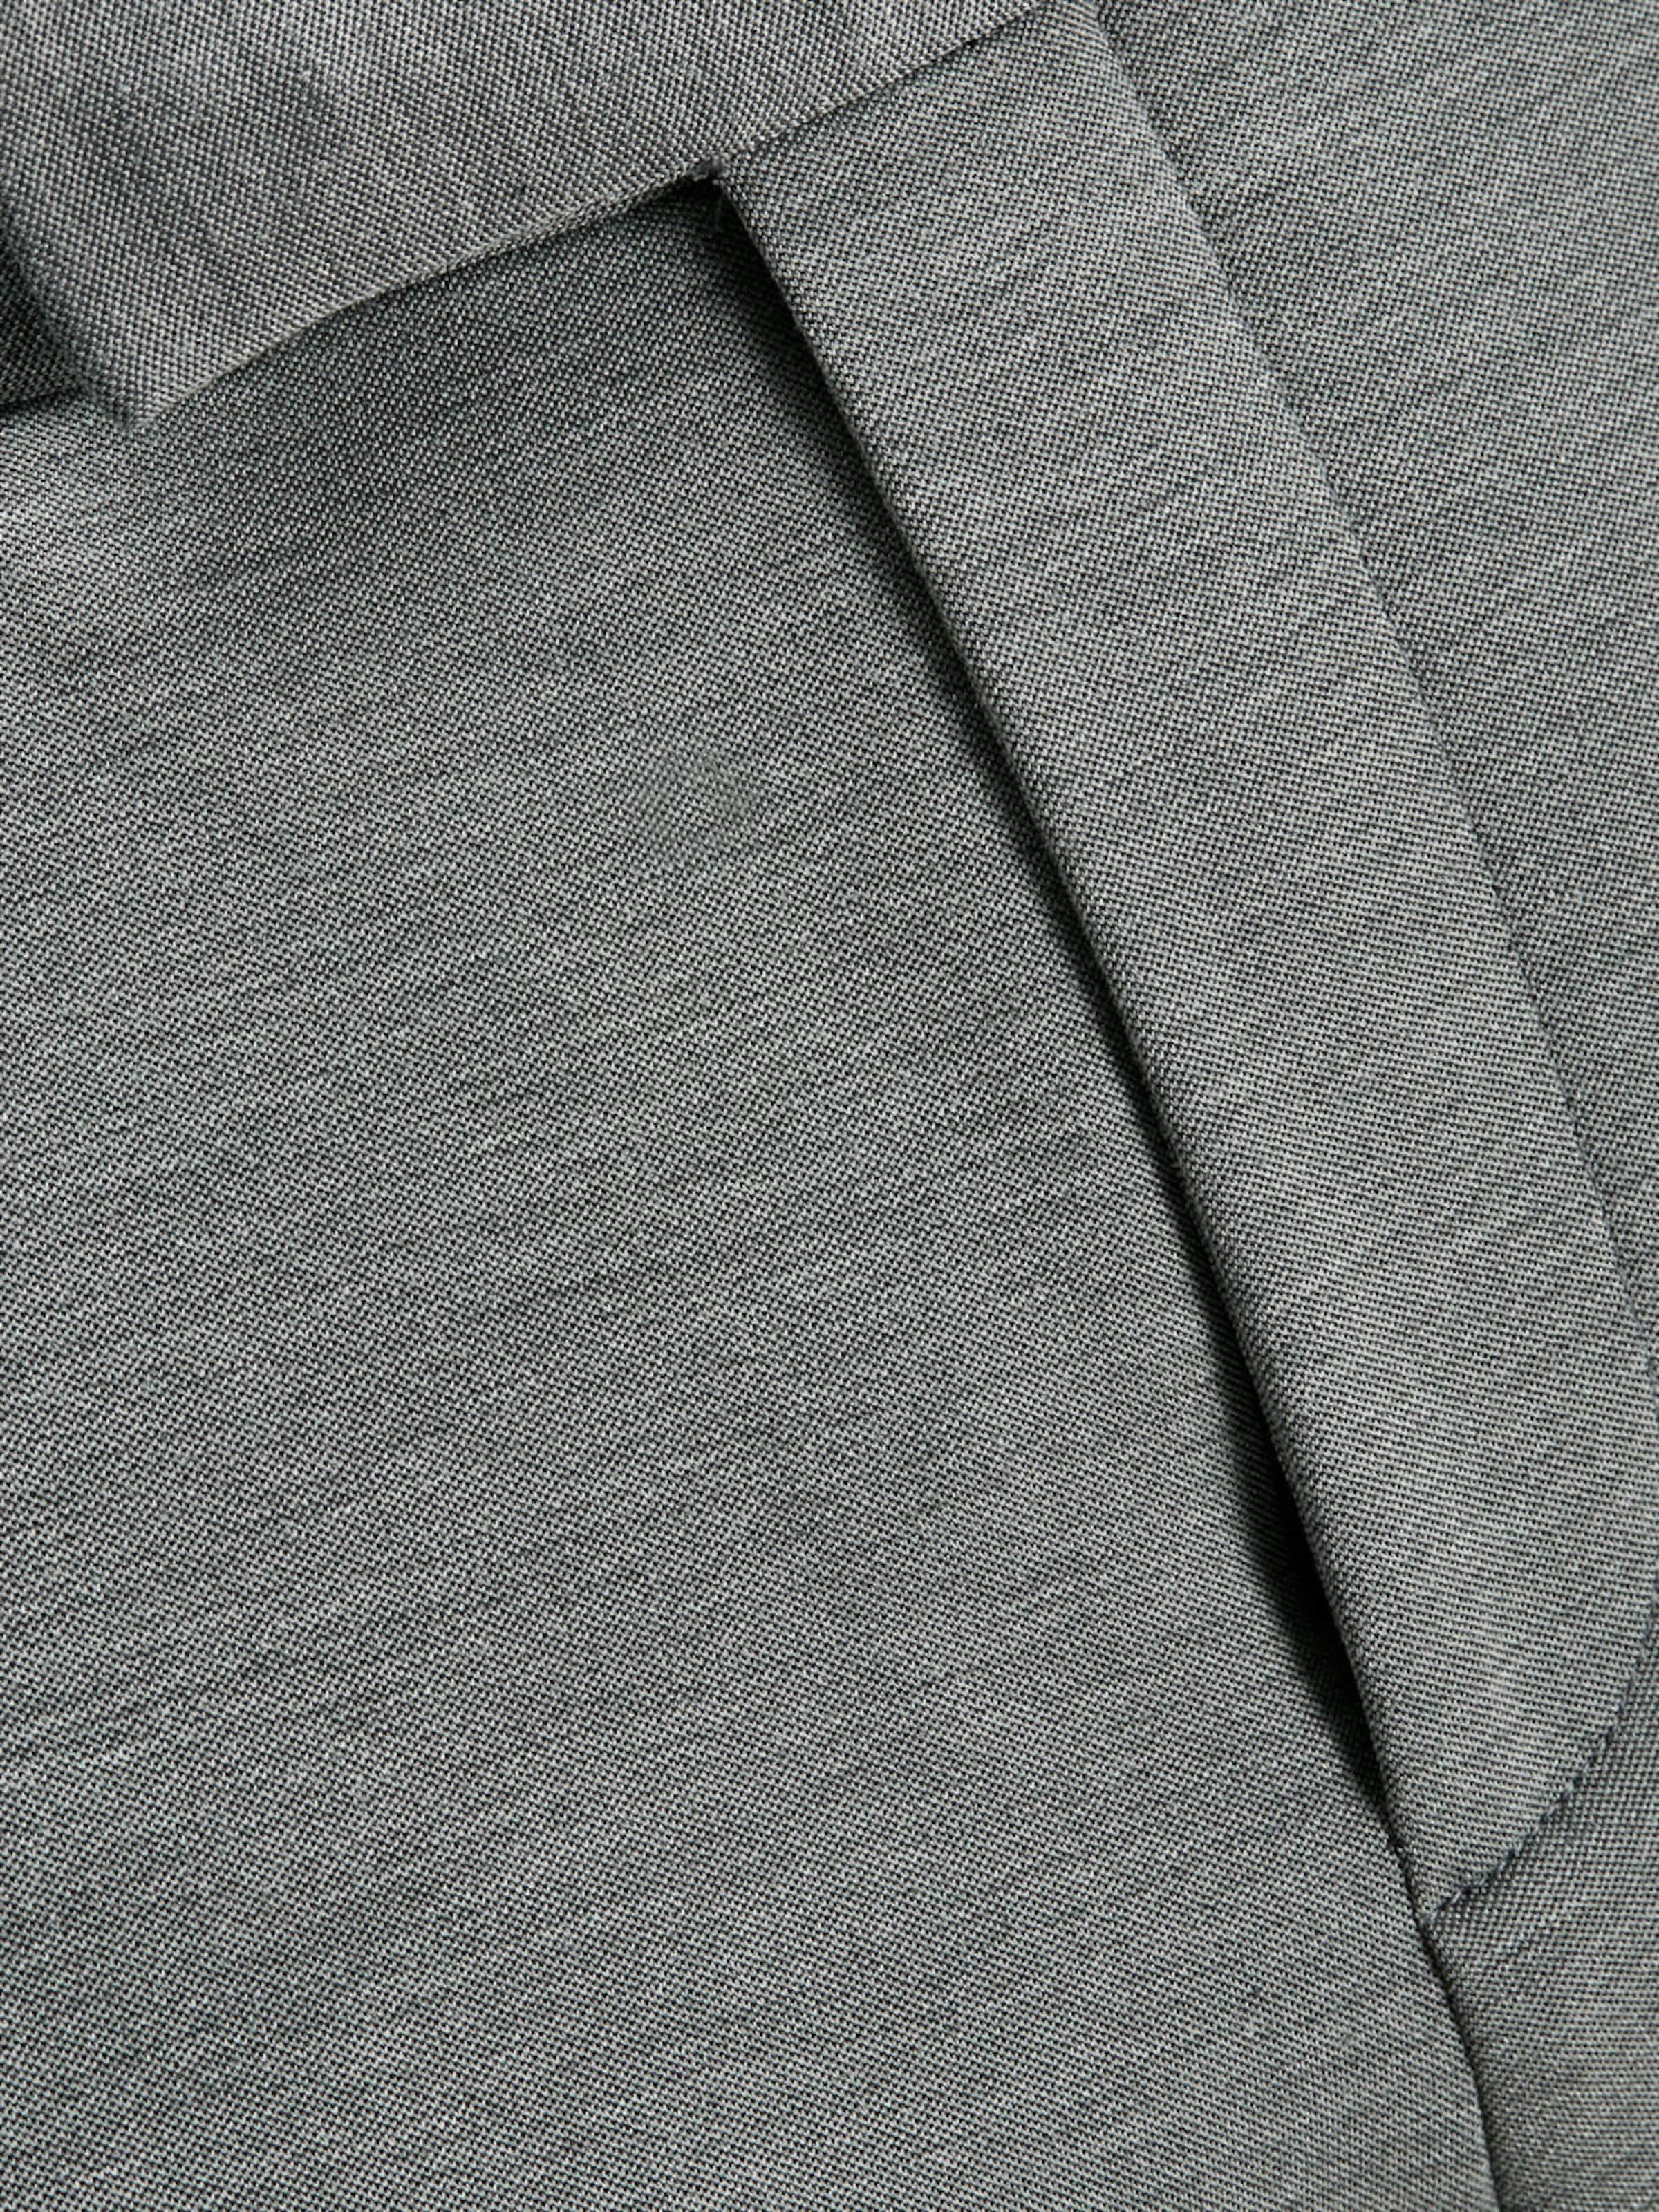 Hose Jones Jackamp; Moderne Grau In ZklPwXuOiT